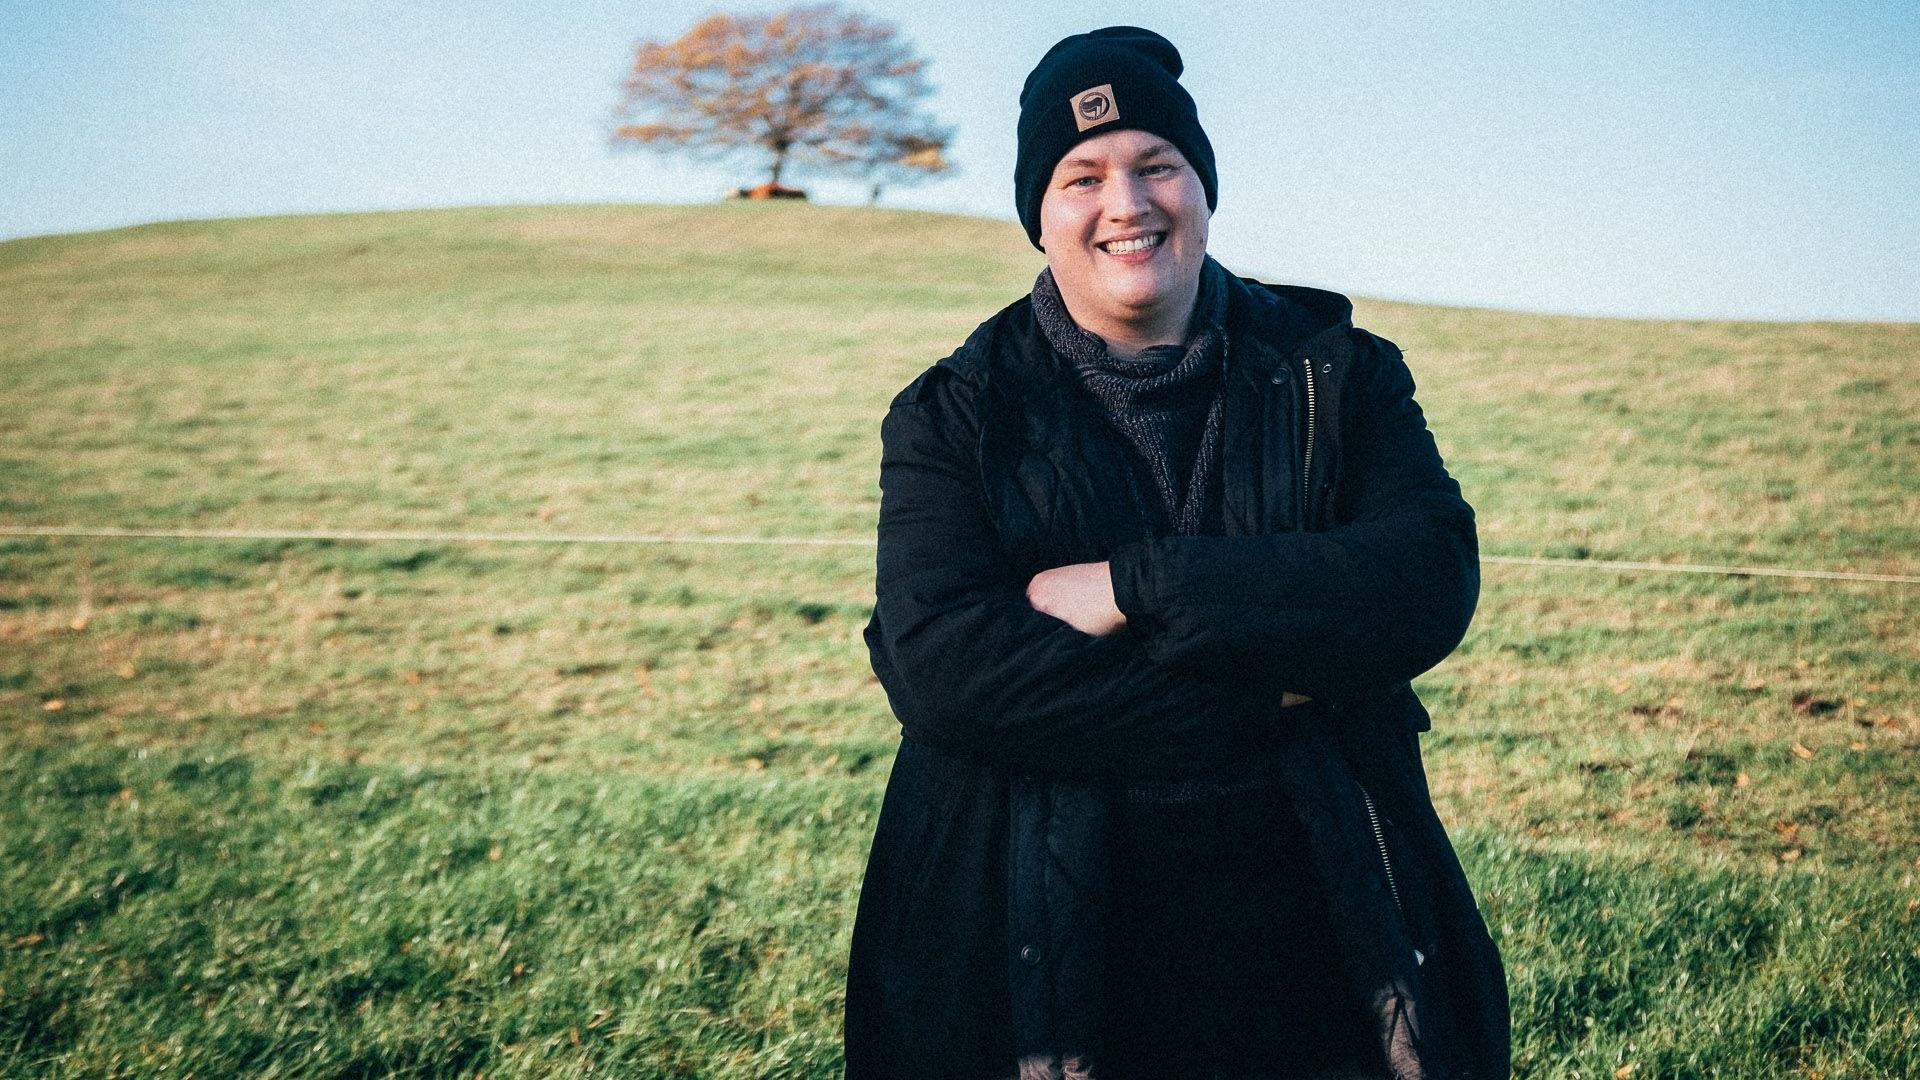 """Endlich wieder auf Tour: MusikerSteffen Neumeister alias """"Grundhass"""" eröffnet das Veranstaltungsprogramm des Jugendkulturvereins Oldenburger Münsterland. Das Konzert findet unter freiem Himmel am Gulfhaus statt. Foto. Flo Ehlich"""